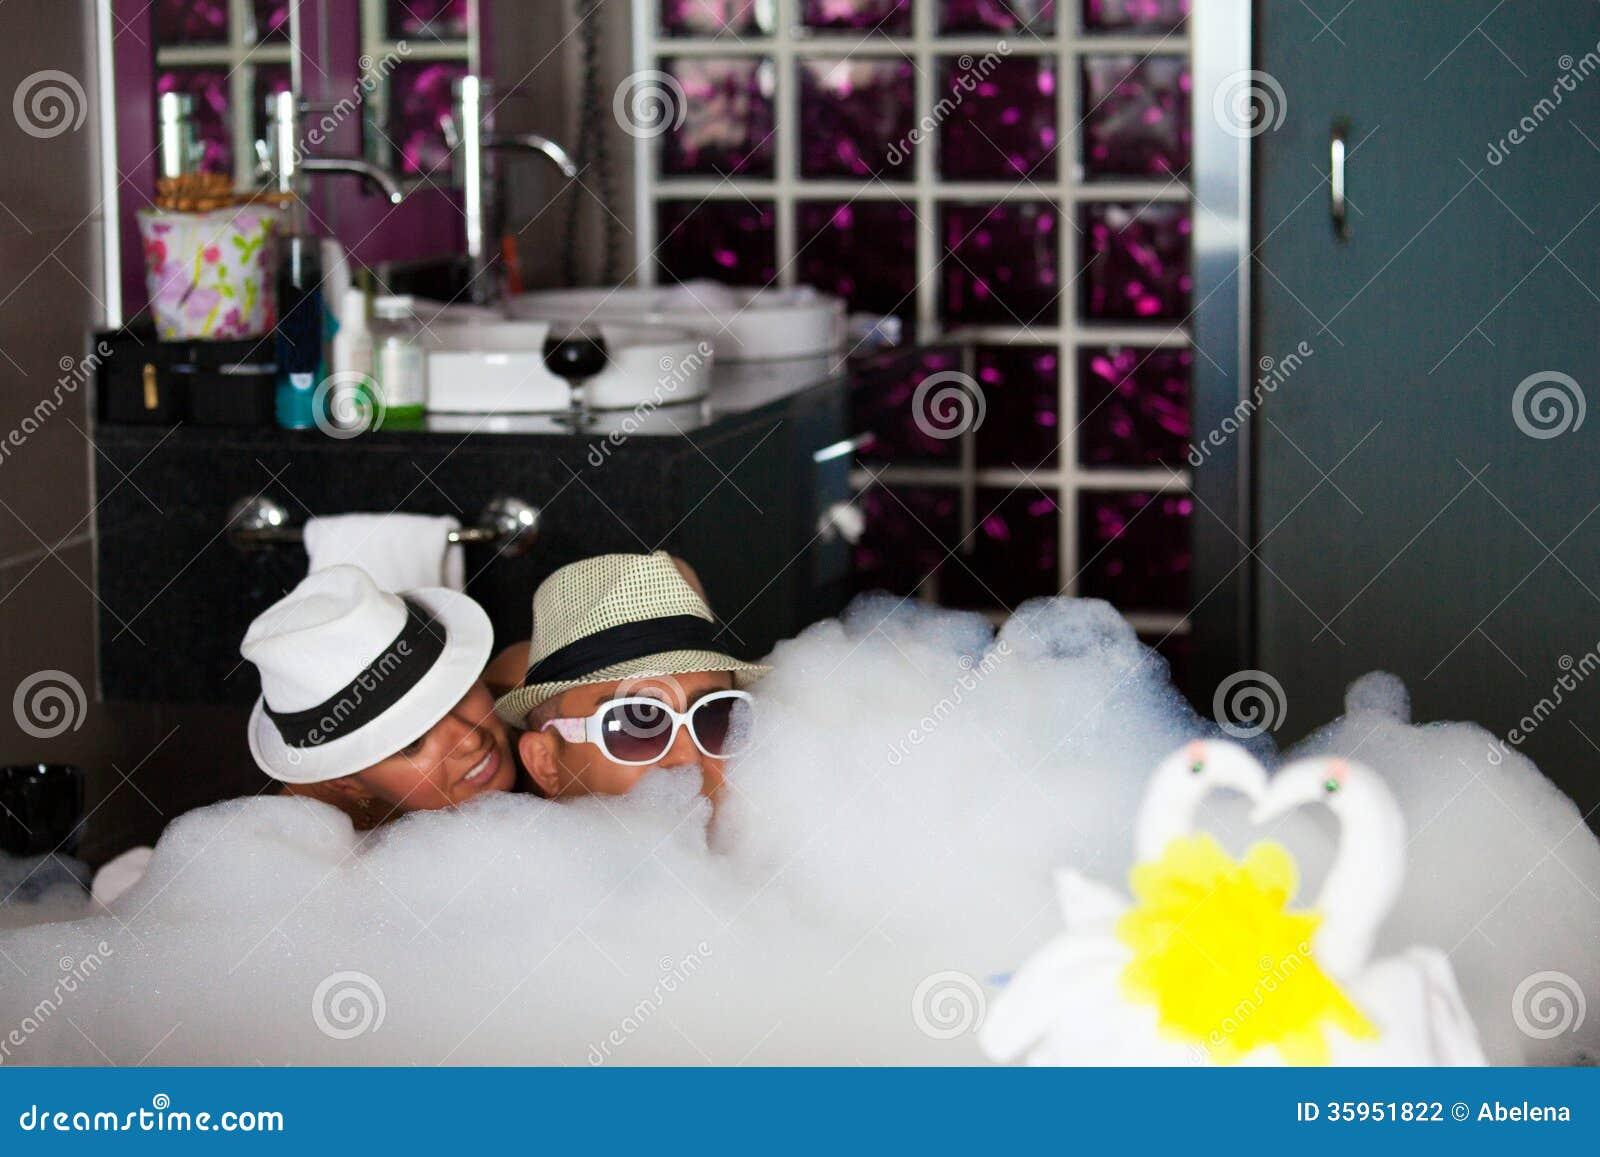 Les couples affectueux se situent dans une salle de bains for Amour dans la salle de bain